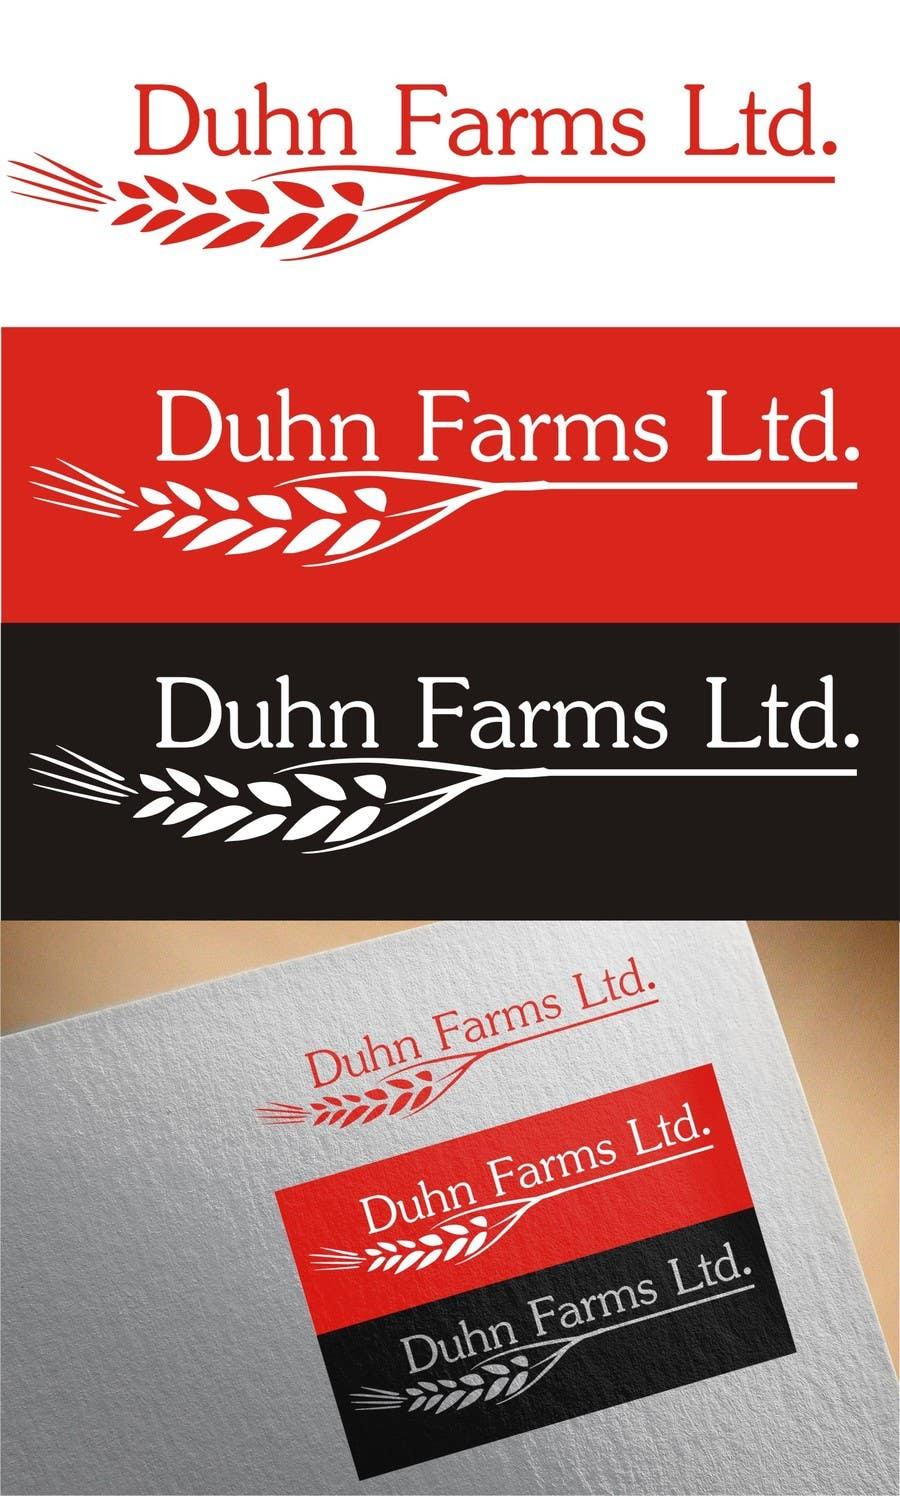 Konkurrenceindlæg #14 for Duhn Farms Ltd